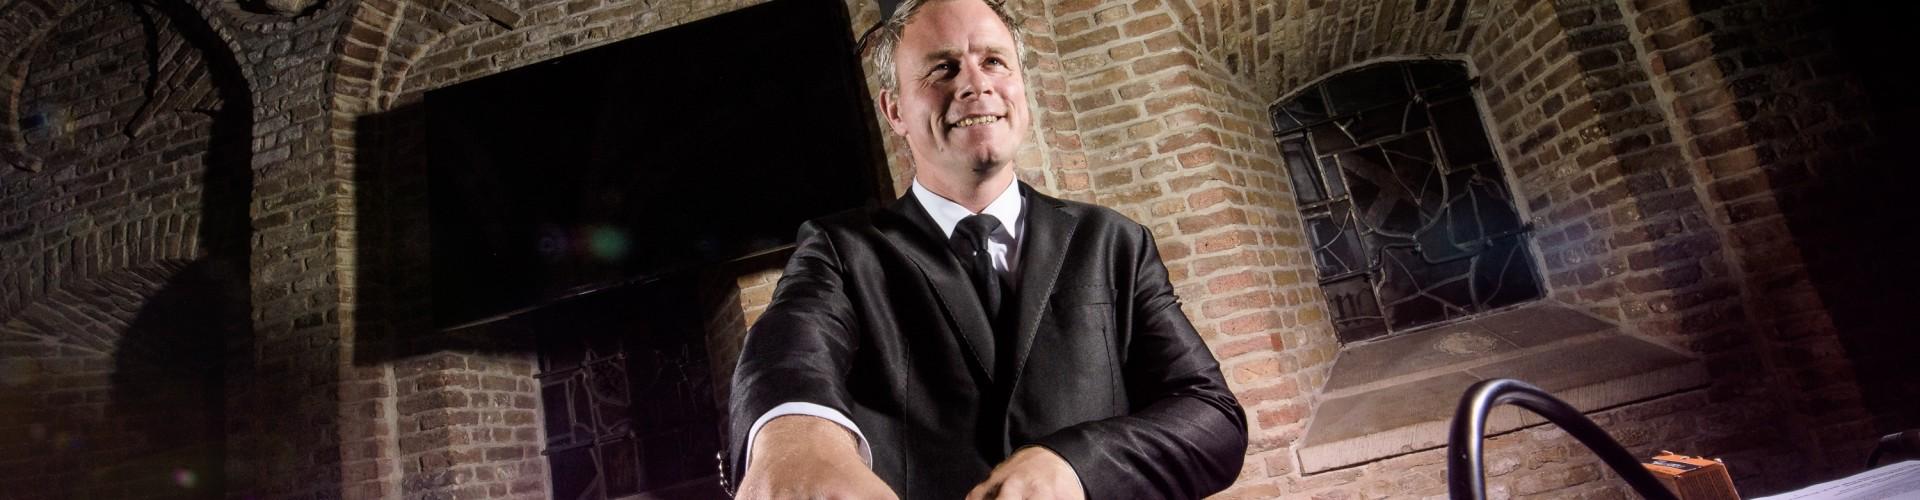 Verjaardagsfeest inhuren DJ Johan Post boeken zoals hier in het Oude Stadhuis van Gouda